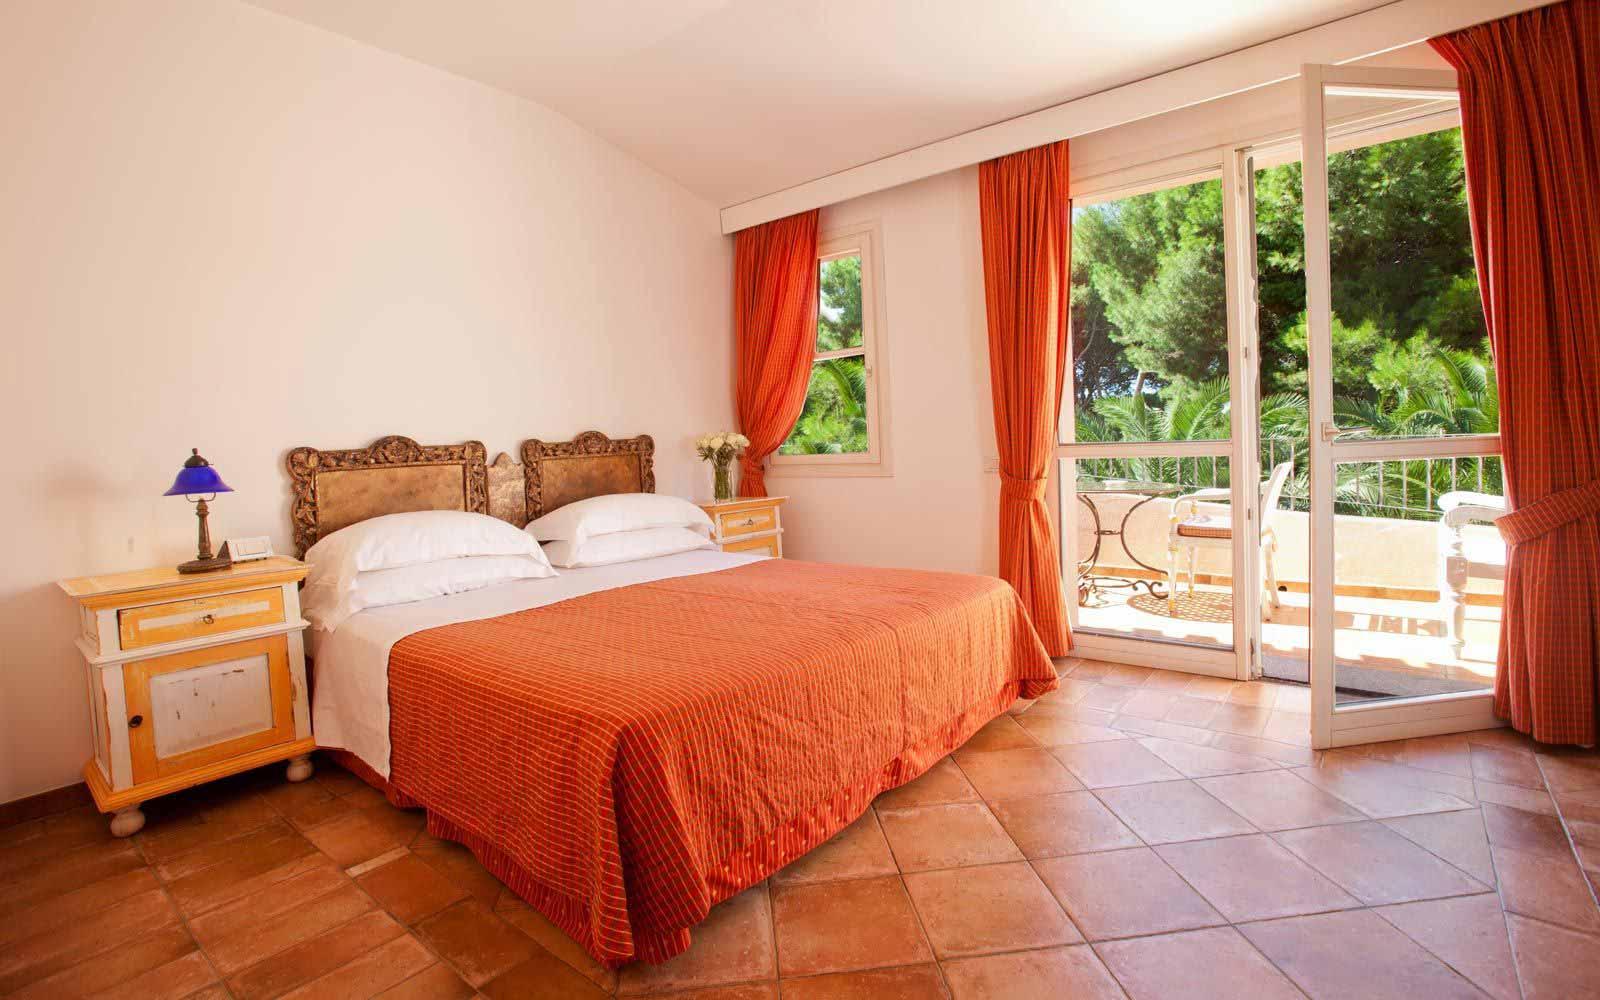 Prestige room at Hotel Caterina